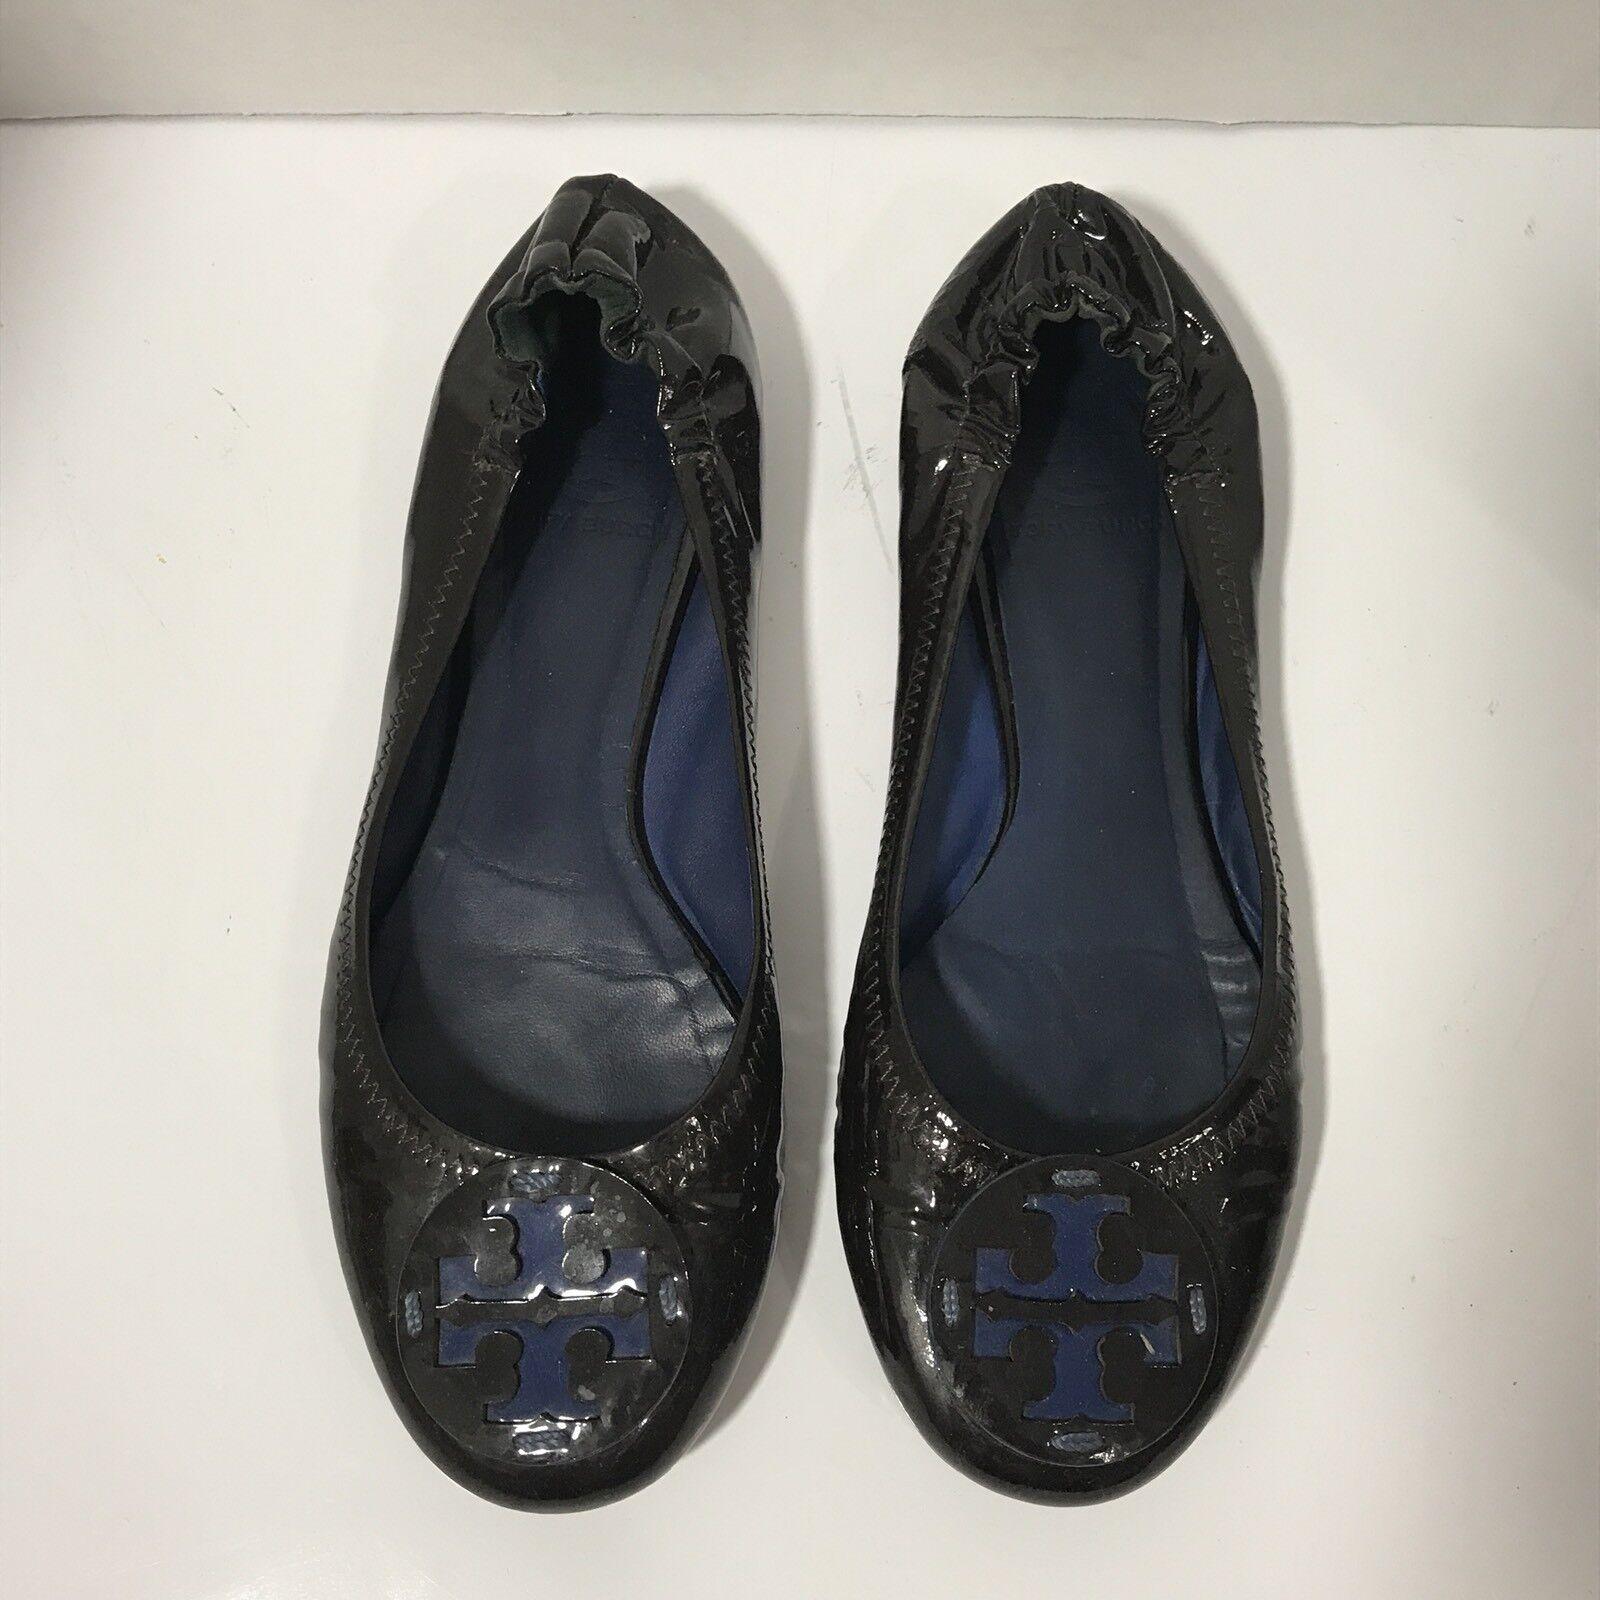 Tory Burch tamaño 7 7 7 Zapatos Ballerina Zapatos de tacón cuero marrón oscuro 7 para mujer con logotipo  Todos los productos obtienen hasta un 34% de descuento.